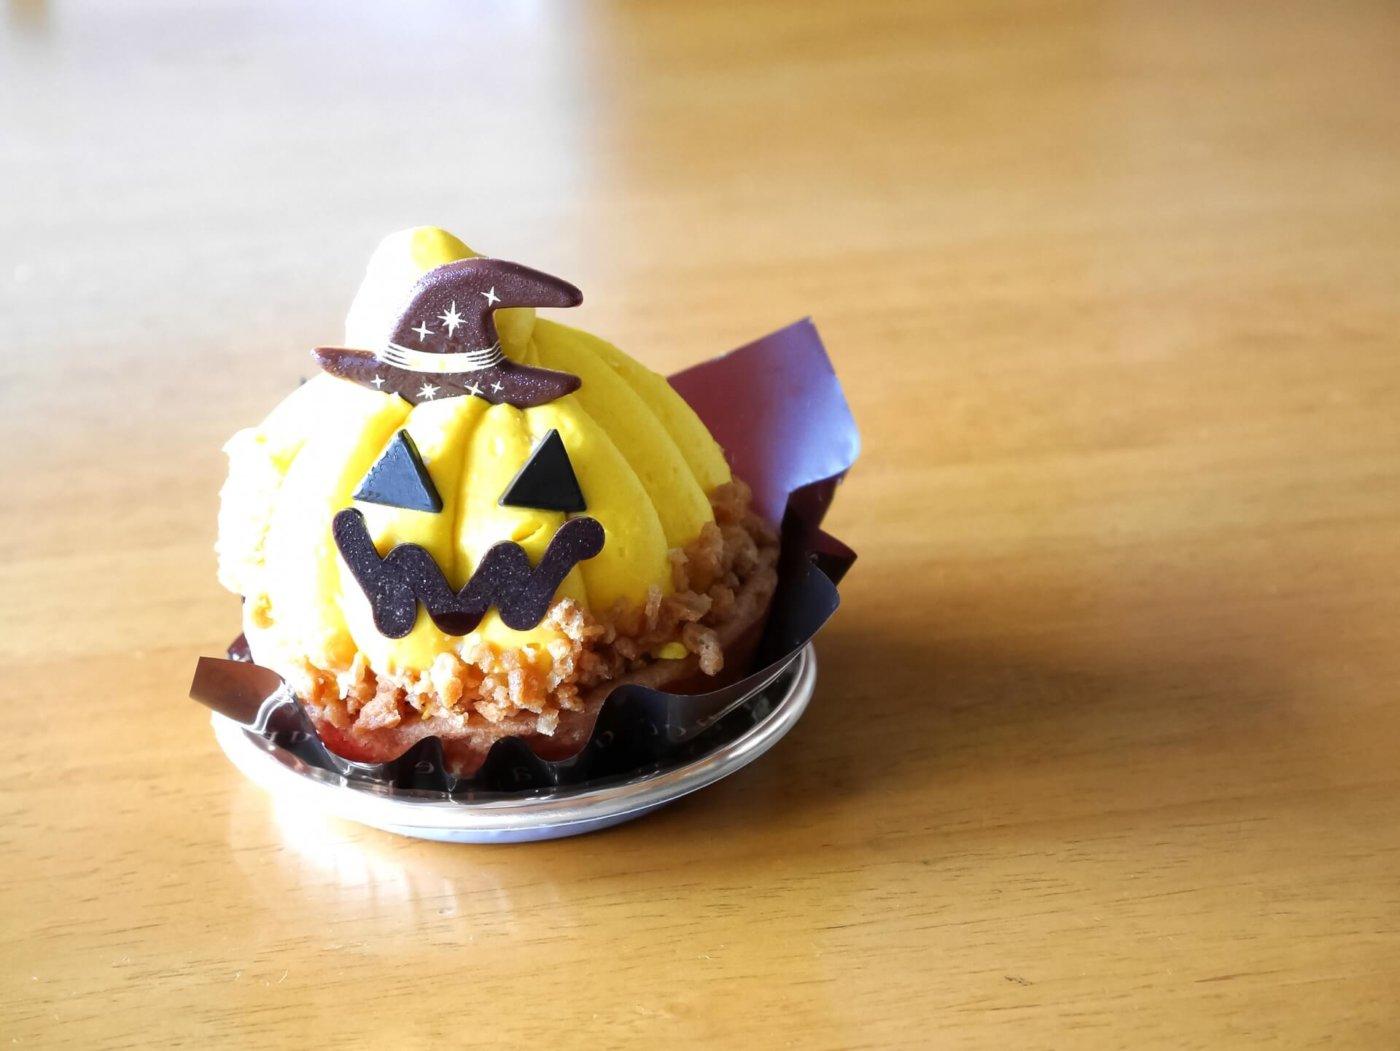 ケーキをハロウィン風にデコりたい。ハロウィン風に変身しやすいケーキ5選